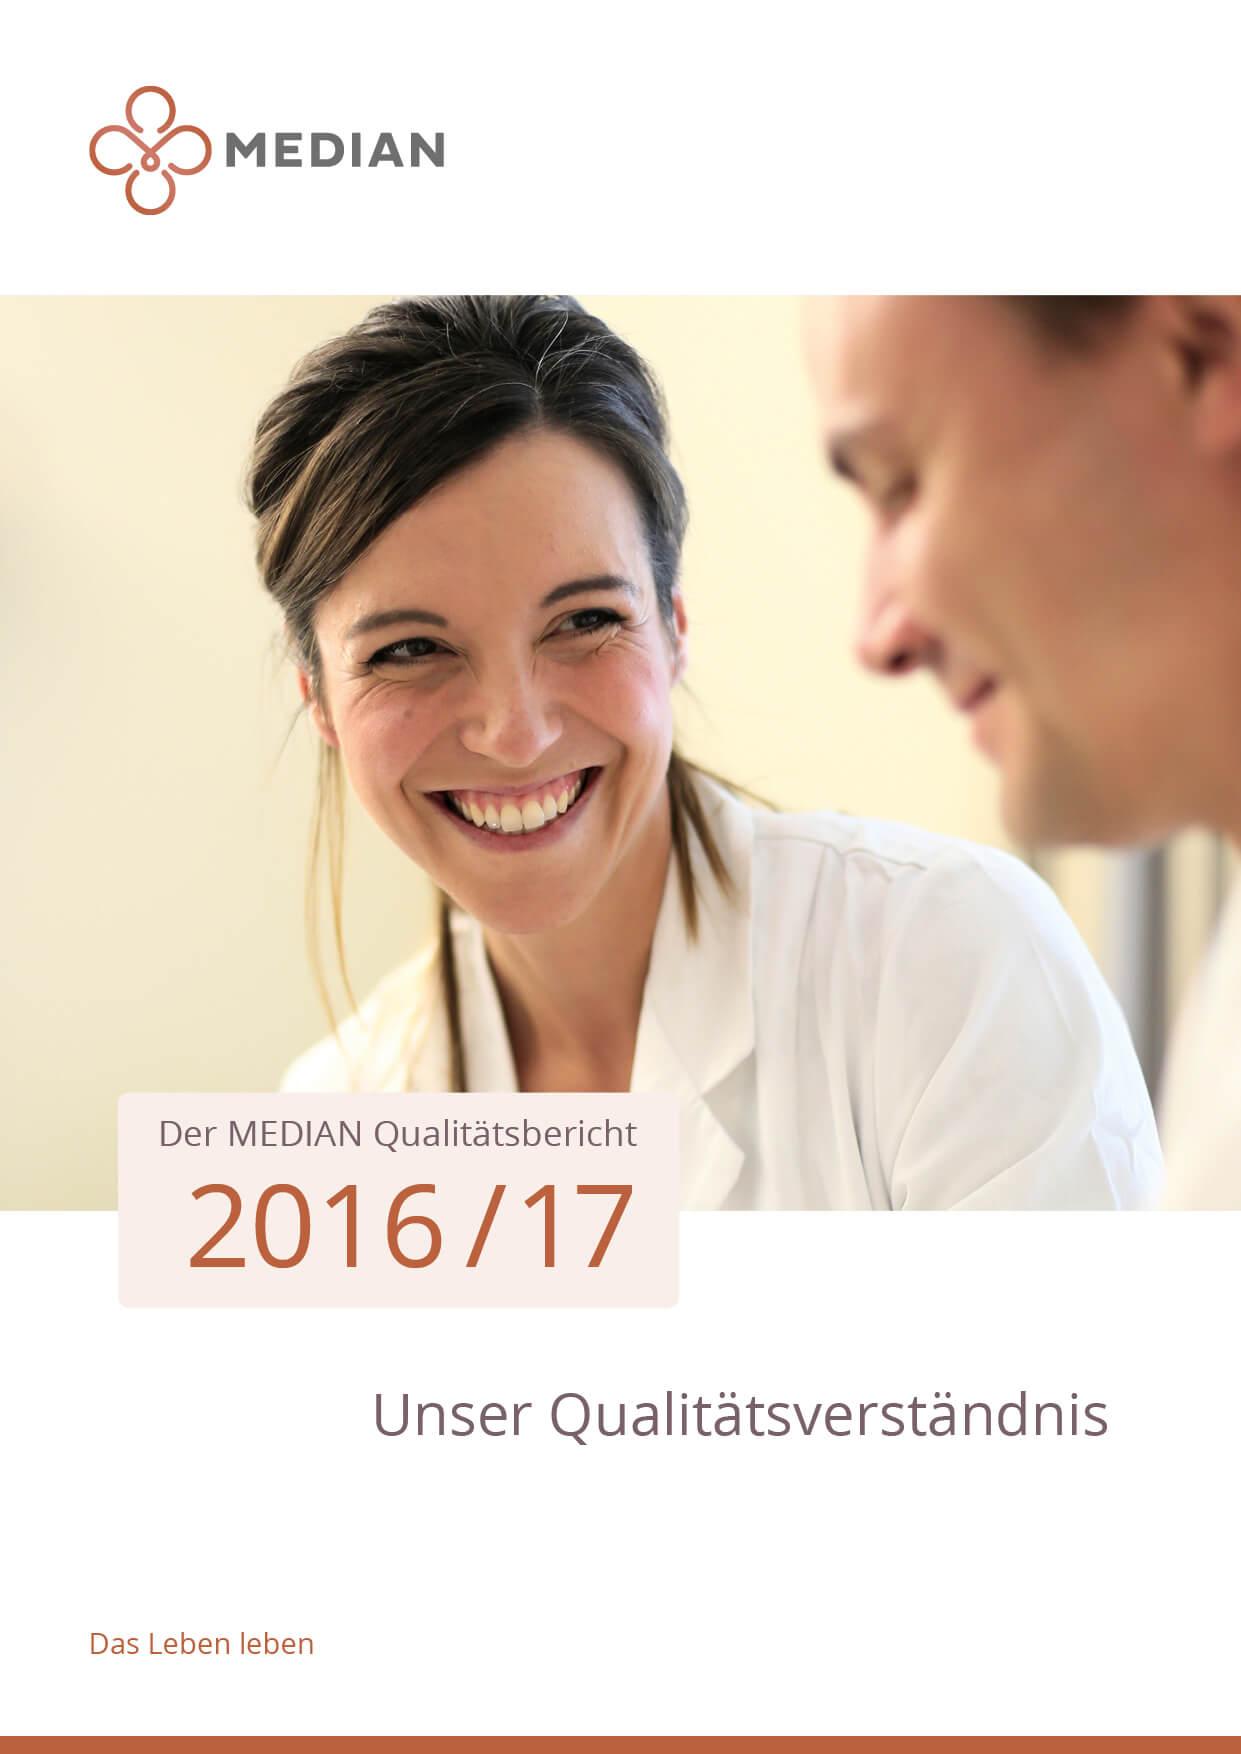 MEDIAN Qualitätsbericht 2016/2017 der MEDIAN Kliniken Daten und Qualitätsbericht